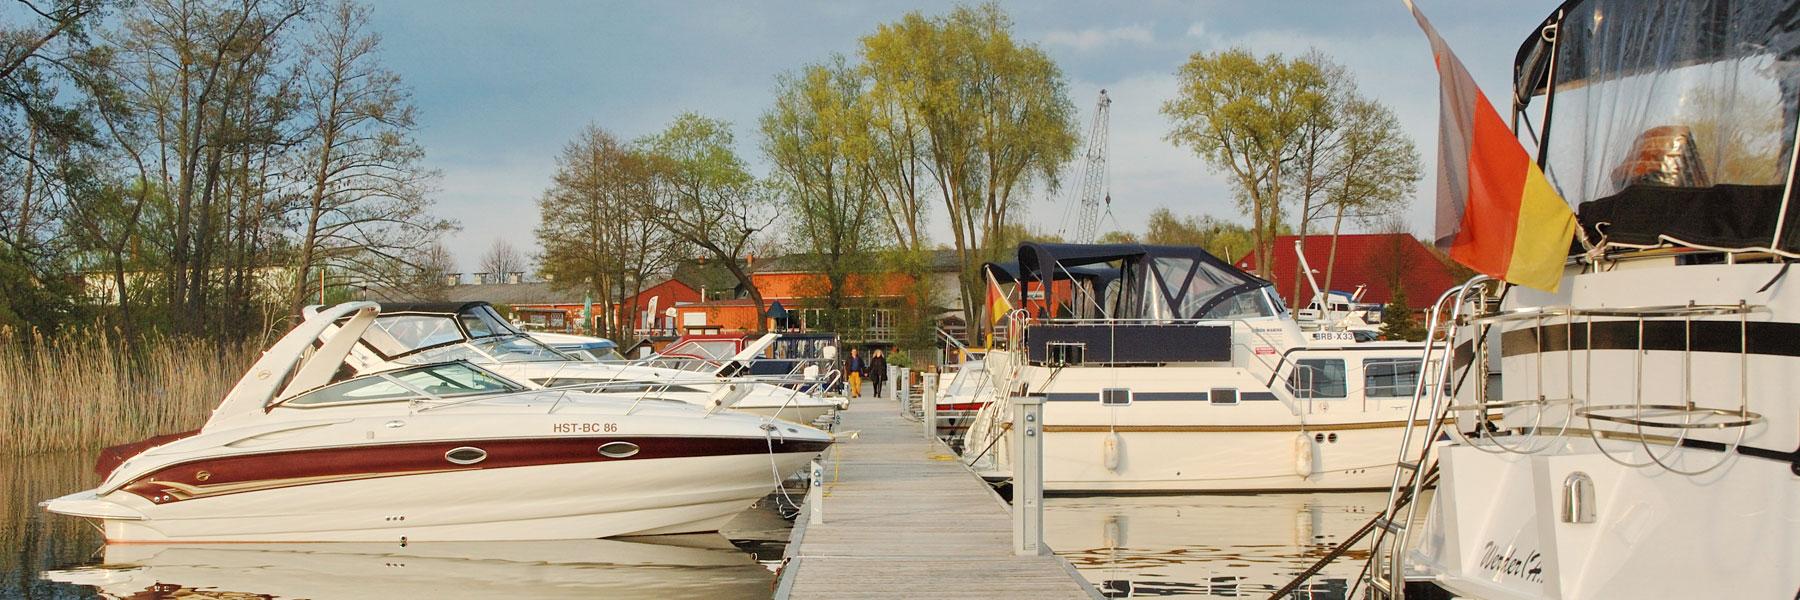 Steg - Yachthafen Priepert